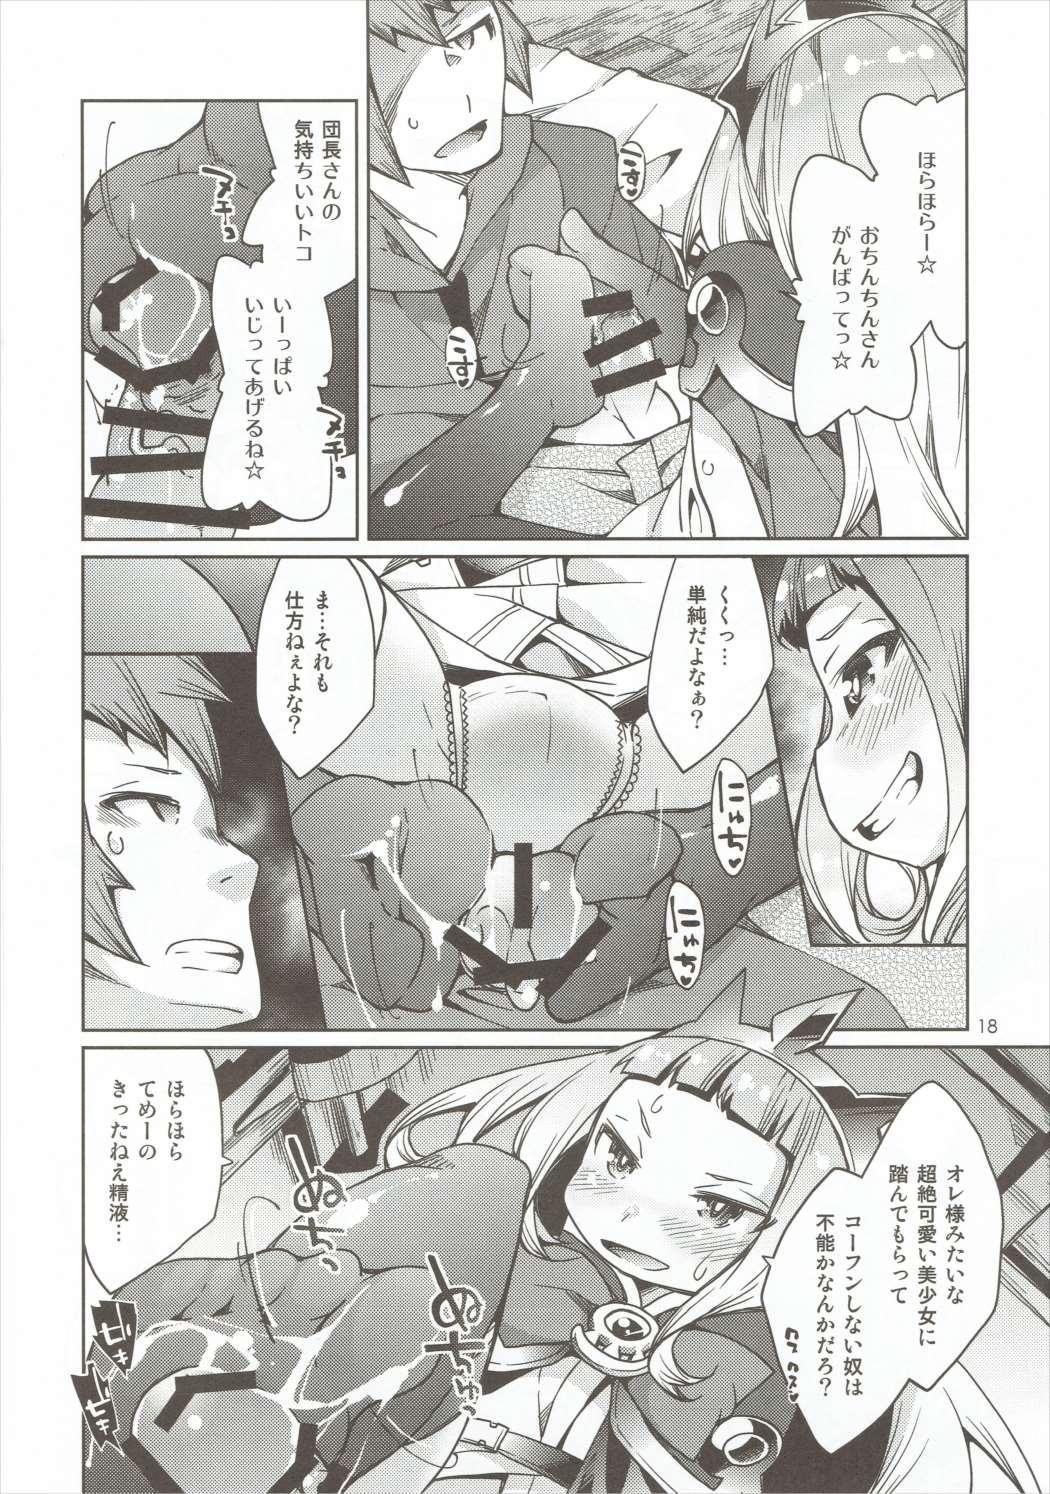 Osora no Ue de Ecchi Shiyo! 16